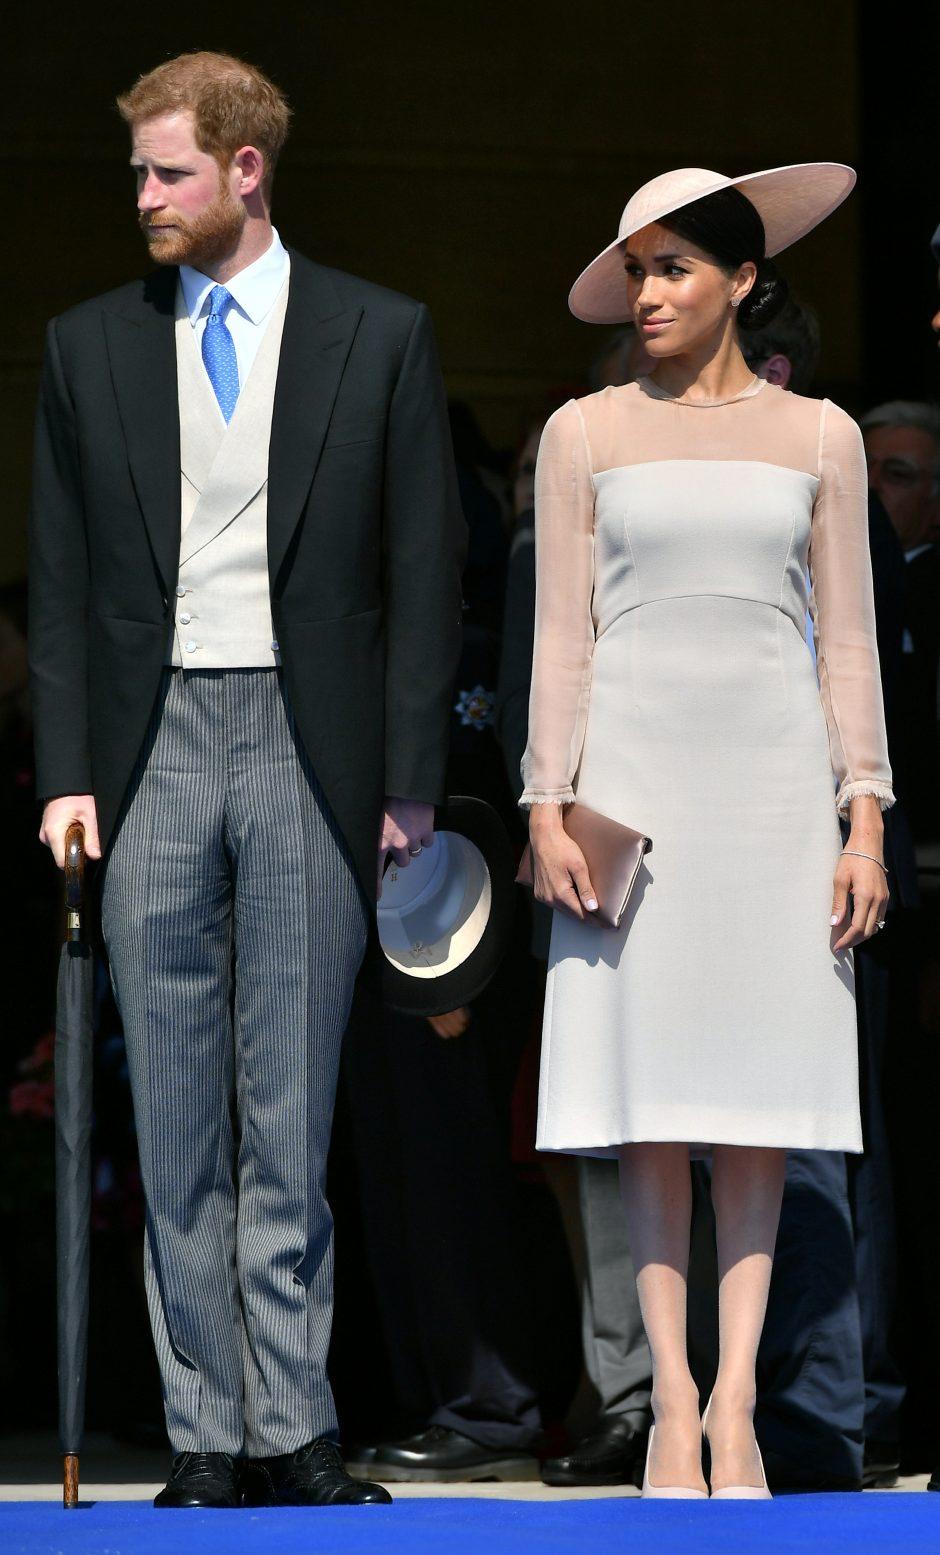 Jaunavedžiai Harry ir Meghan pirmąkart po vestuvių pasirodė viešumoje